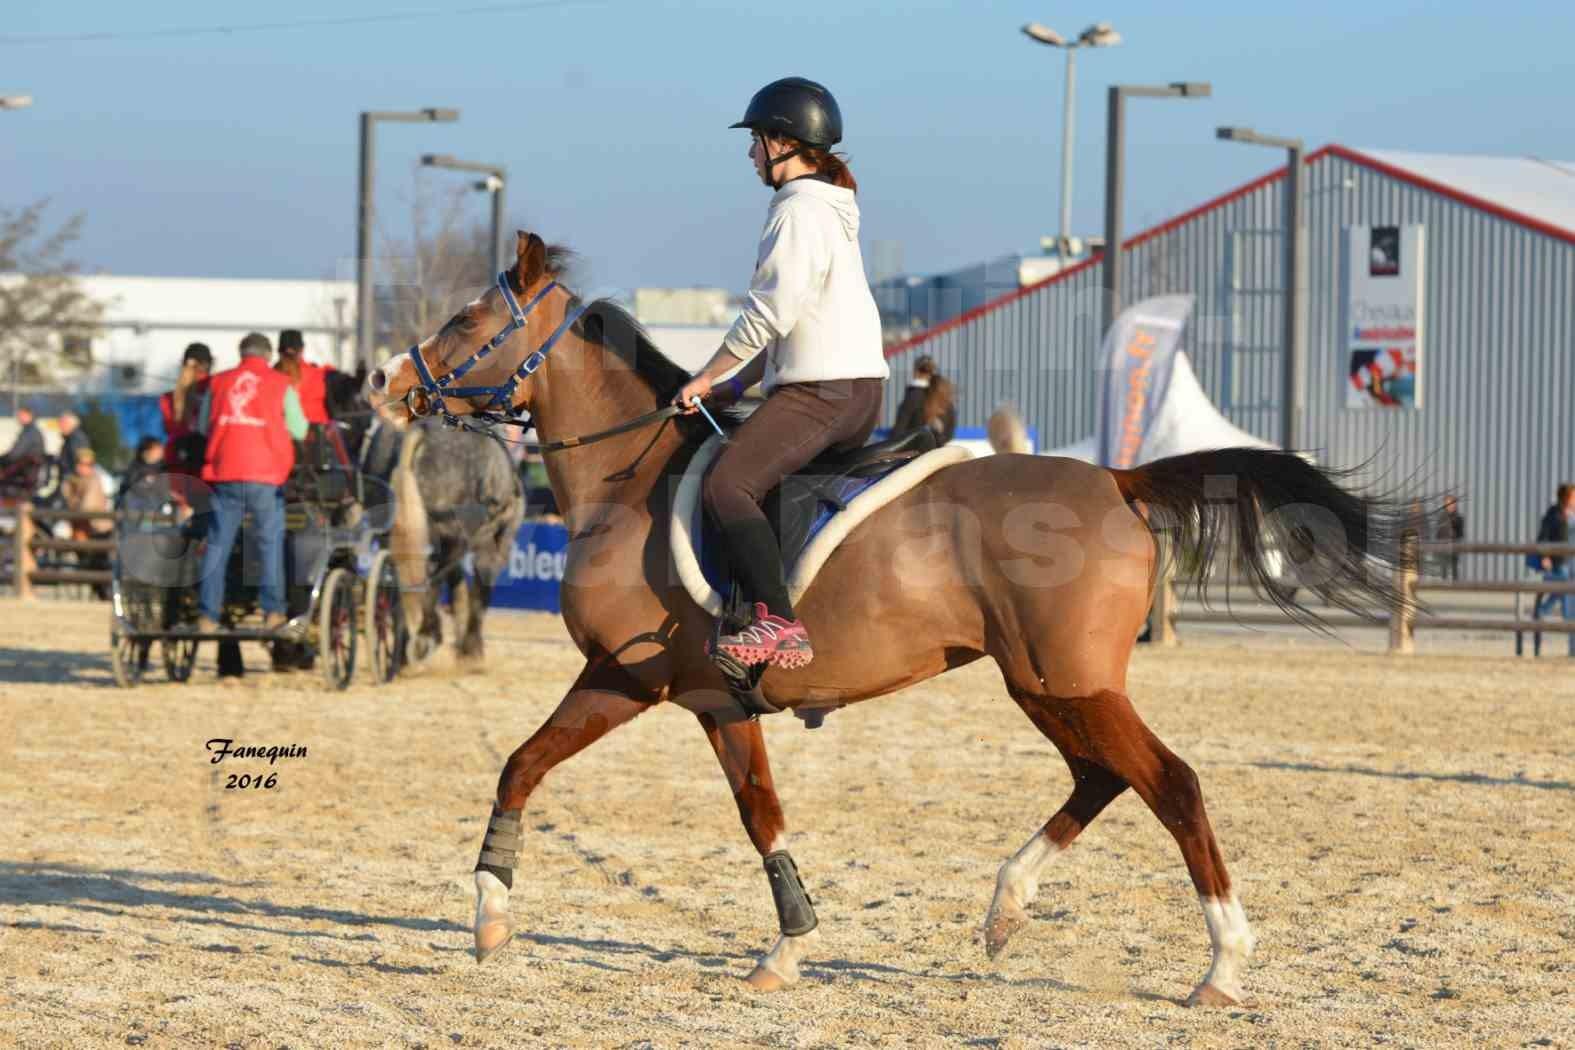 Cheval Passion 2016 - Présentation extérieure de chevaux Arabes montés - 12